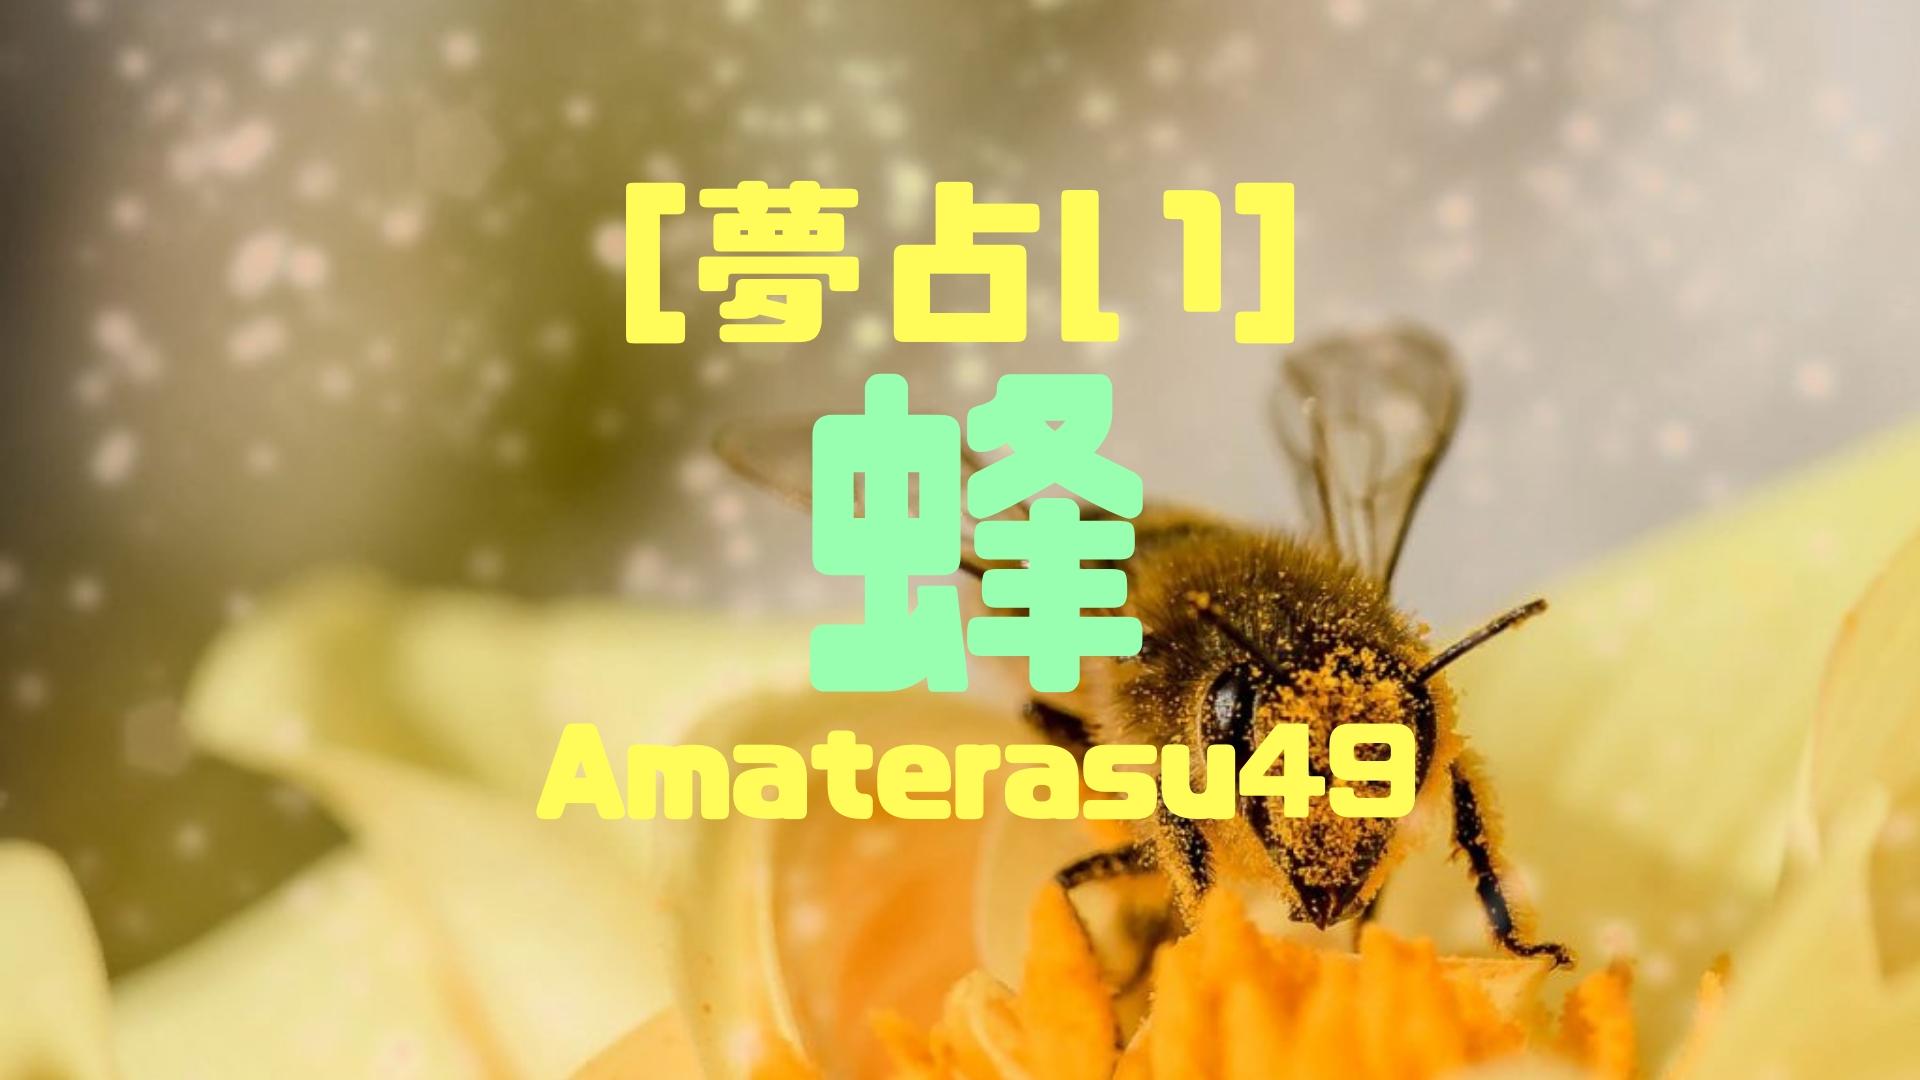 【夢占い】蜂の夢は幸運の予感?蜂の夢と宝くじの不思議な関係も紹介